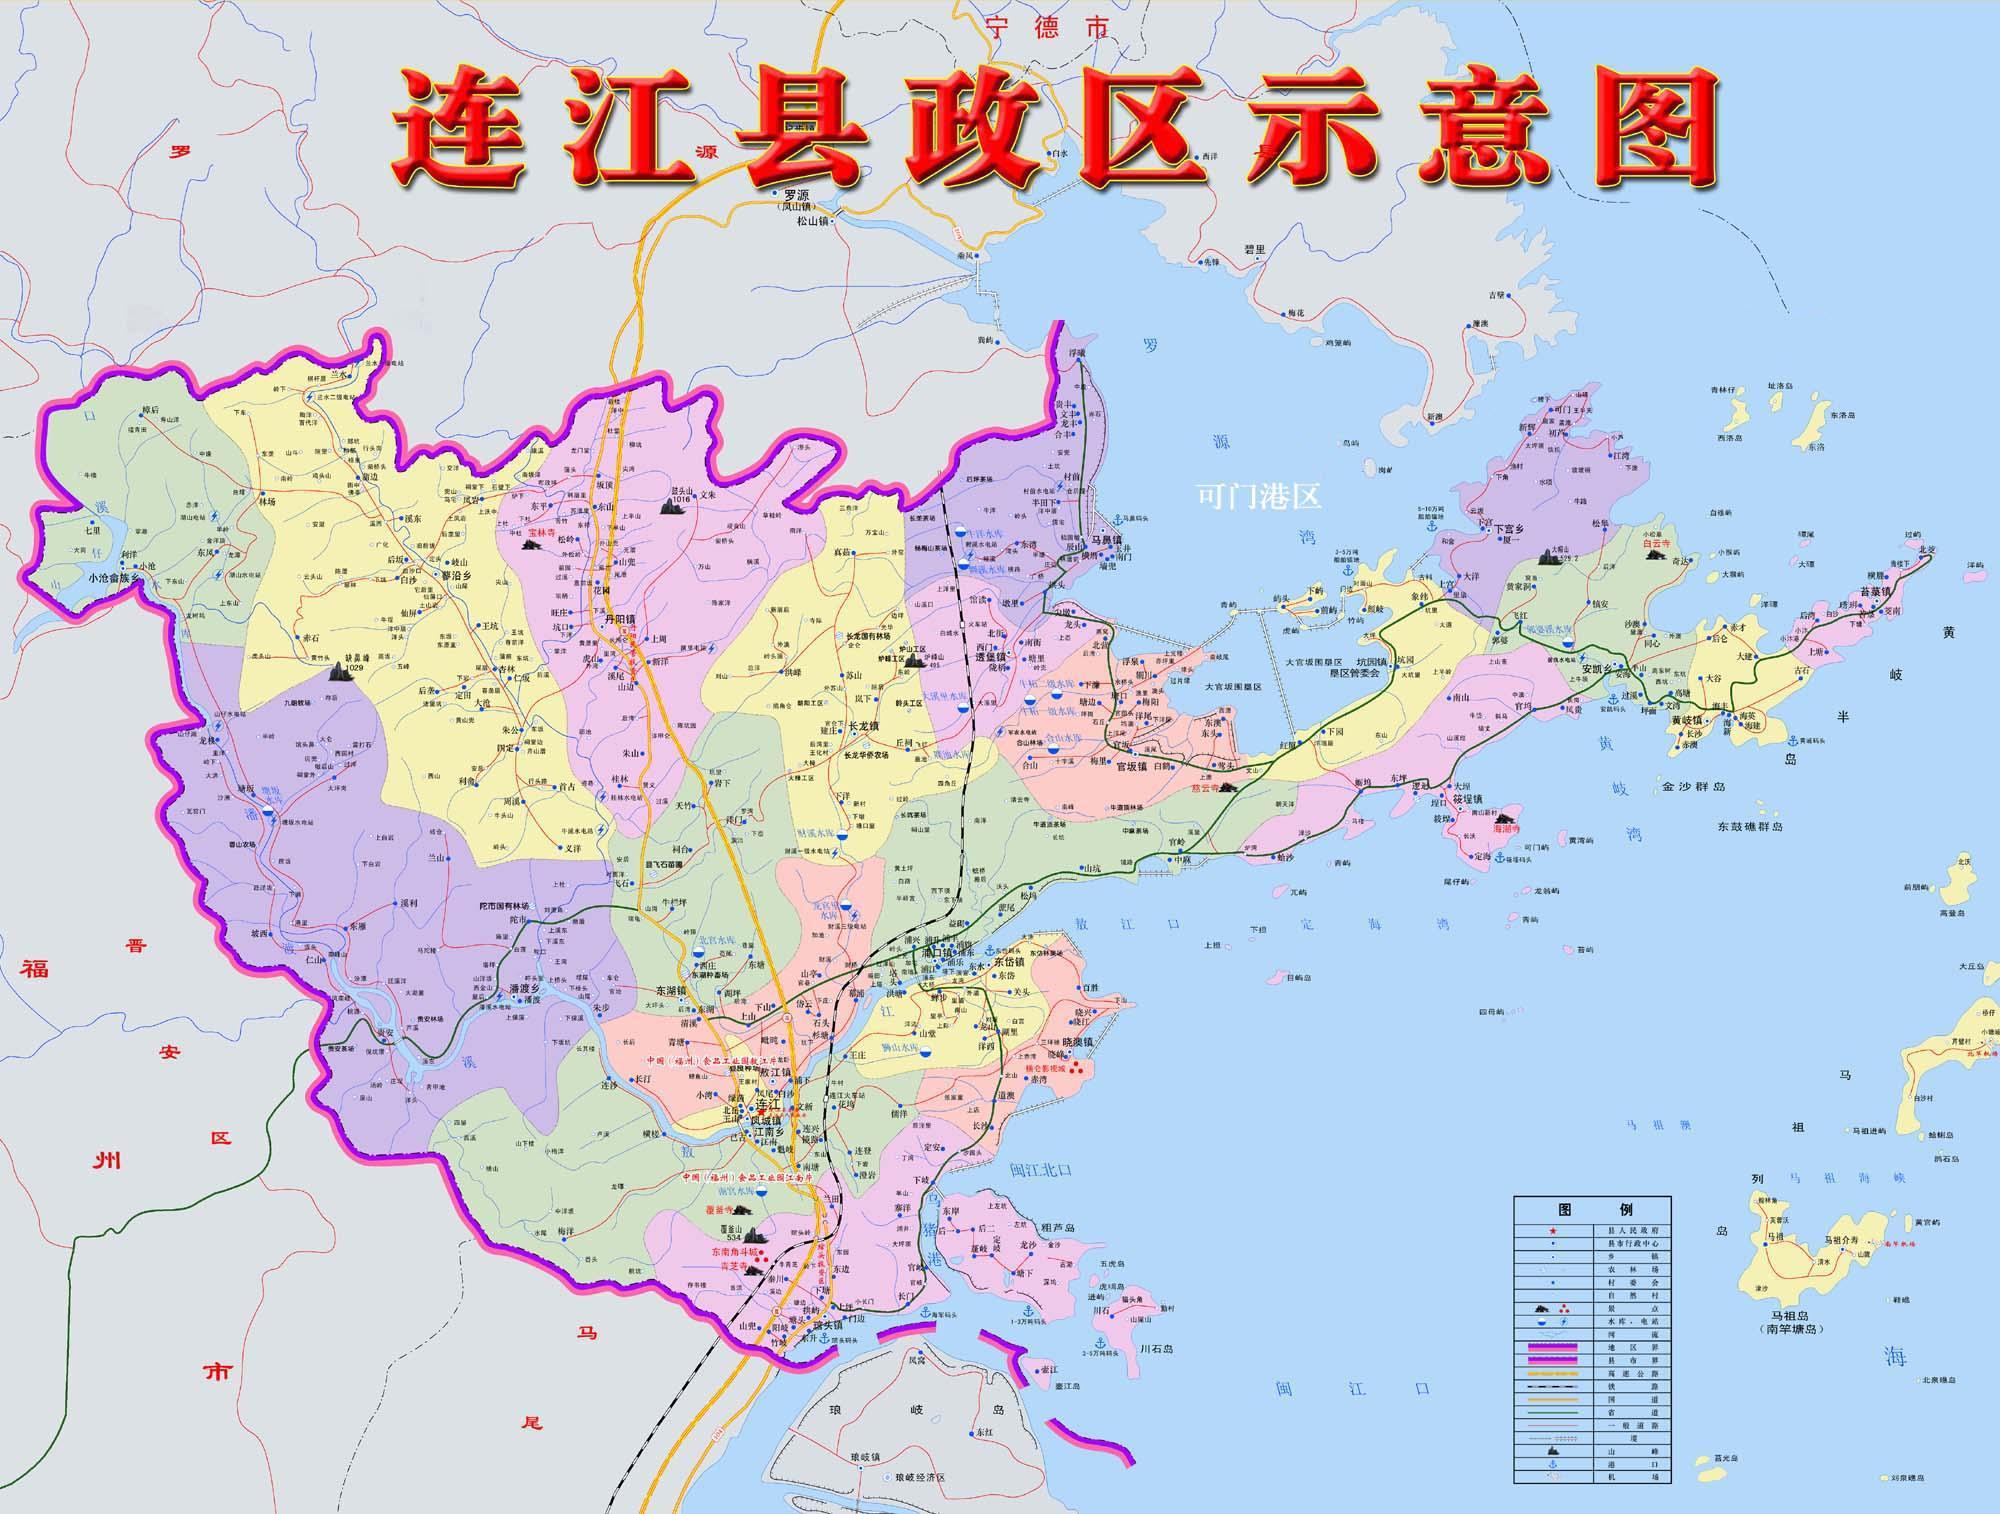 福建福州市区地图_连江(福建福州市下辖县) - 搜狗百科